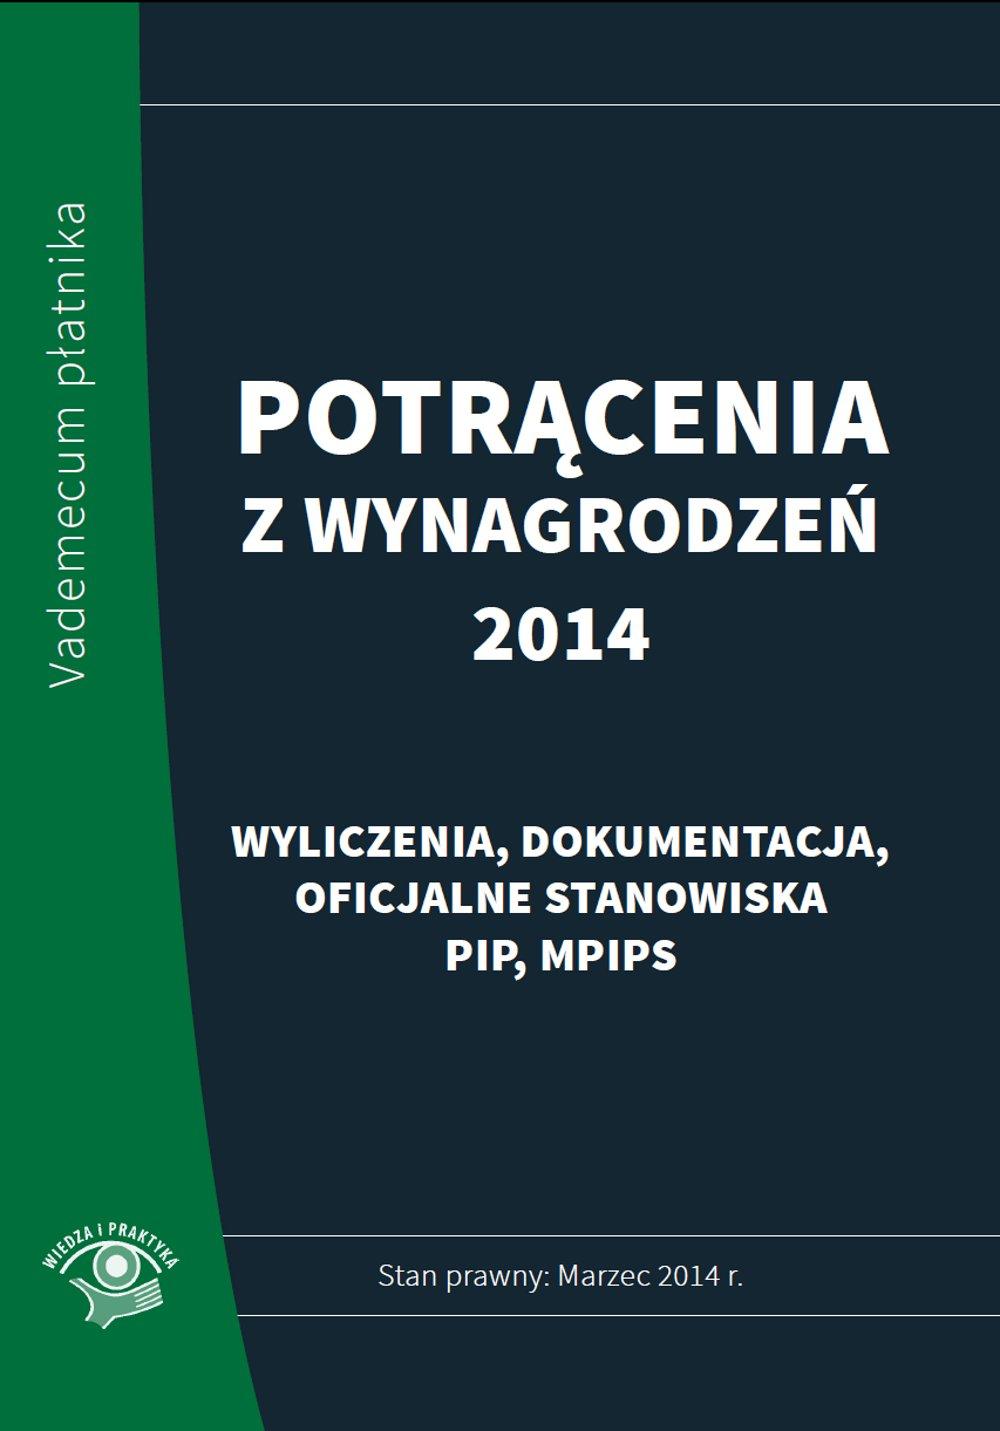 Potrącenia z wynagrodzeń 2014 - praktyczny komentarz - stan prawny: marzec 2014 - Ebook (Książka na Kindle) do pobrania w formacie MOBI